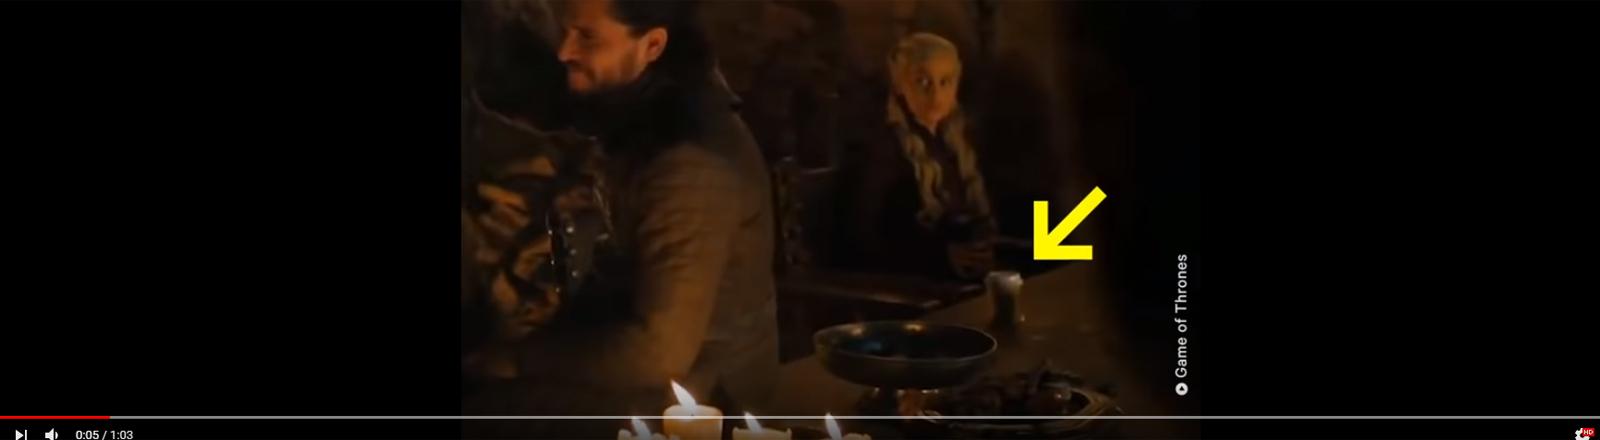 Ein Kaffeebecher in einer Game of Thrones Serie